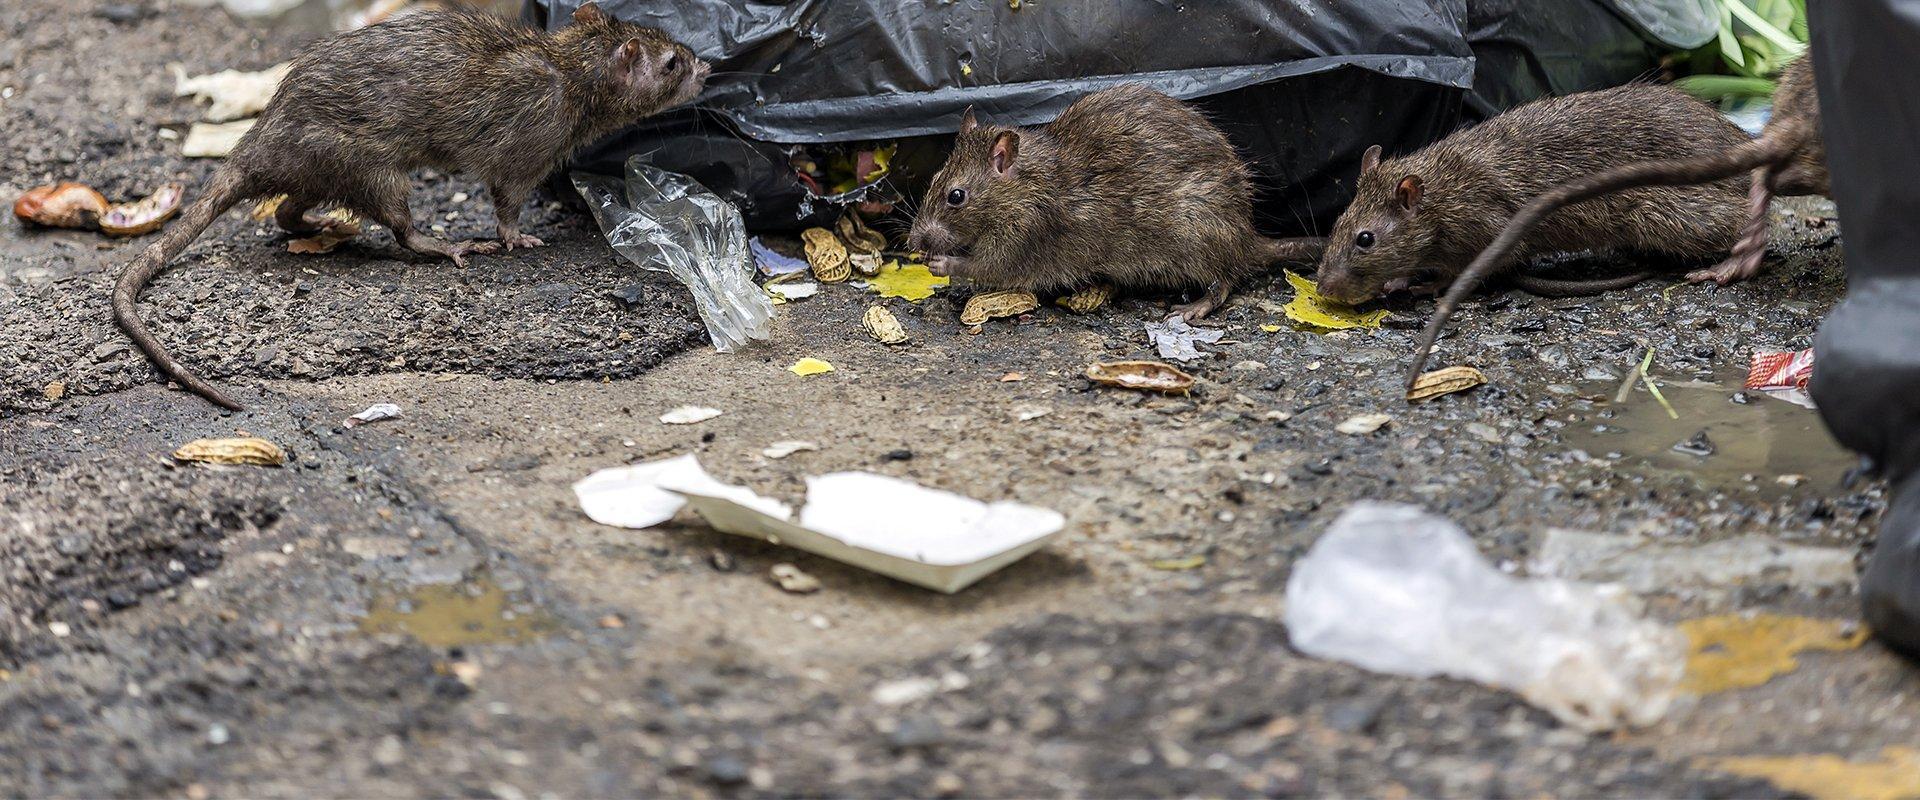 close up of rats eating trash